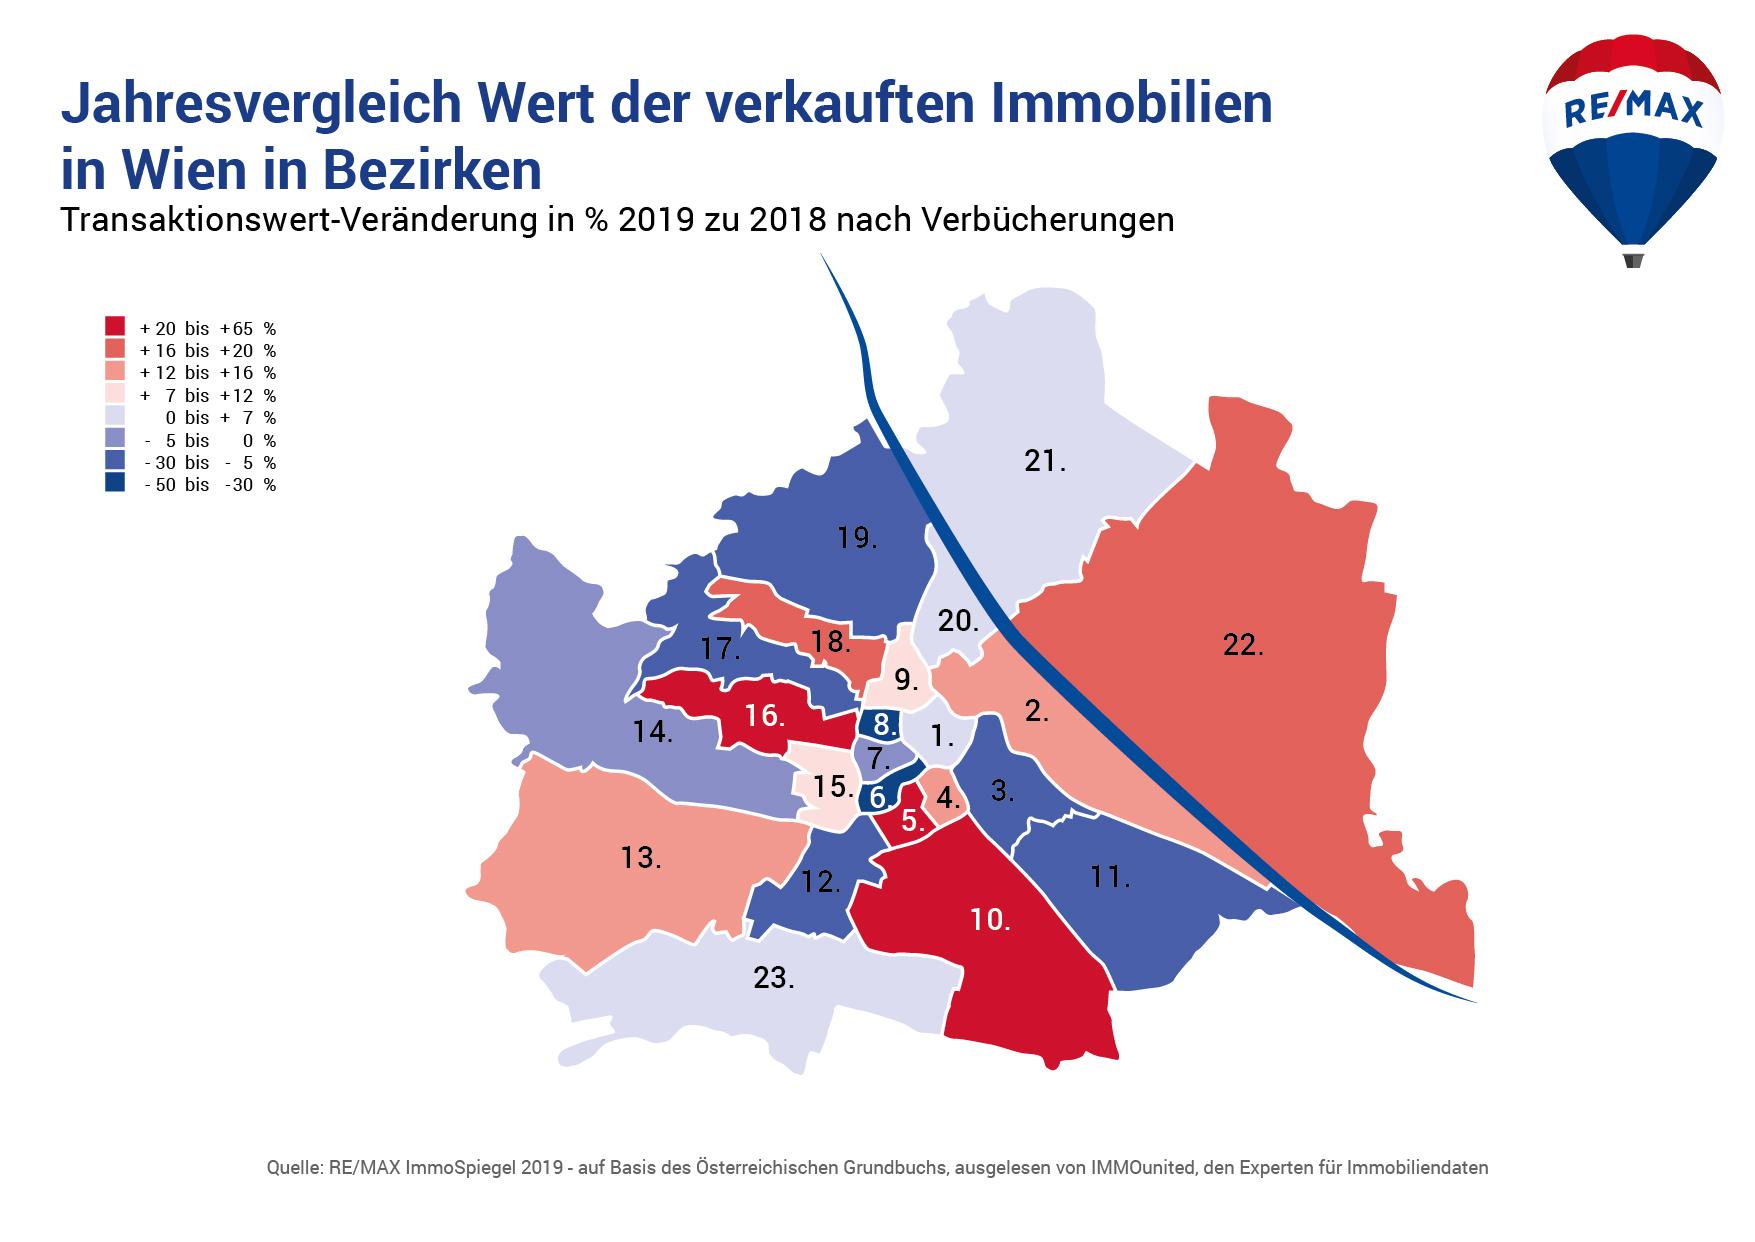 Jahresvergleich Wert der verkauften Immobilien in Wien in Bezirken